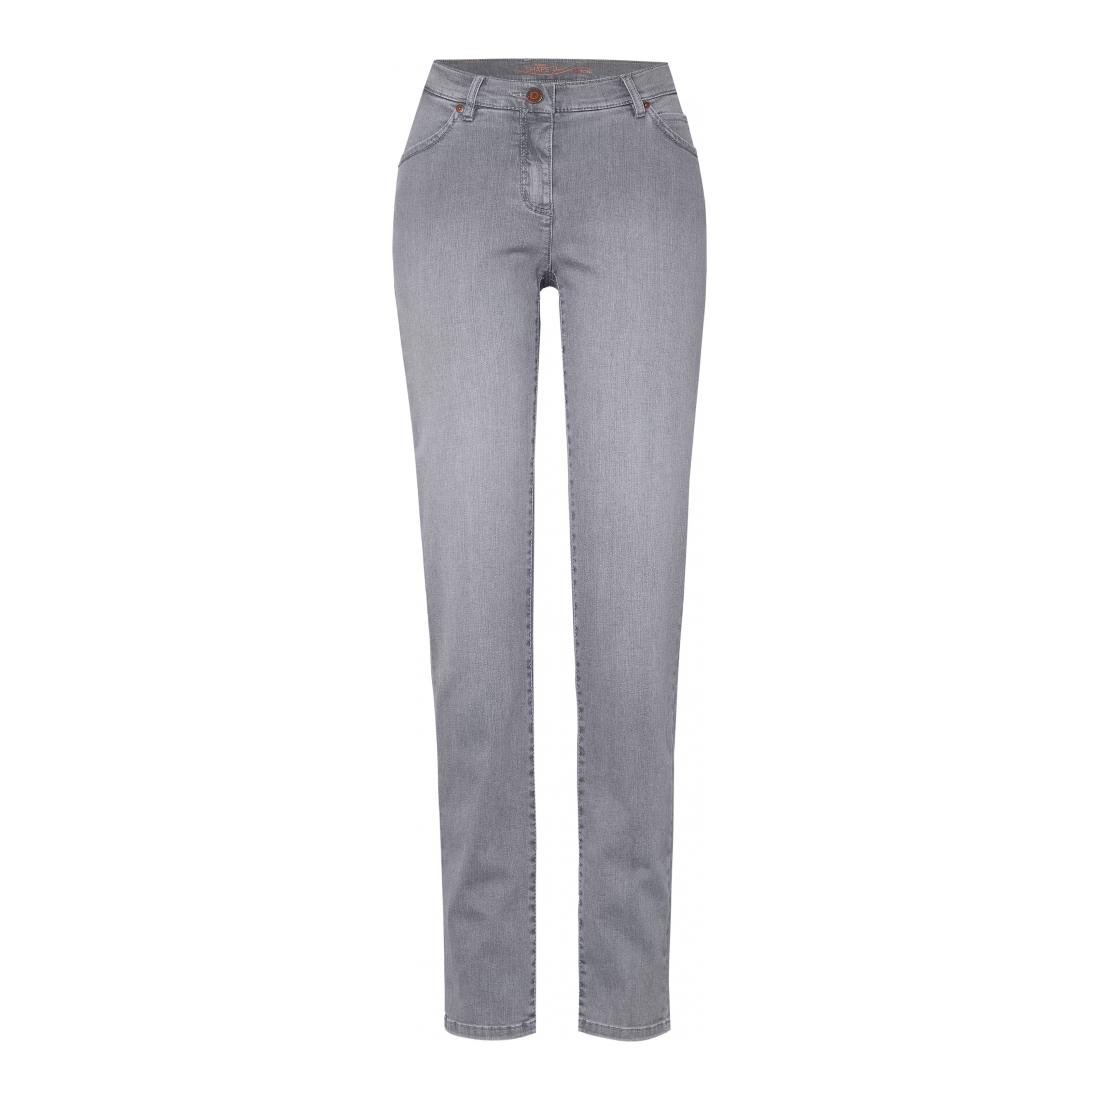 TONI DRESS Jeans Damen Perfect Shape Slim